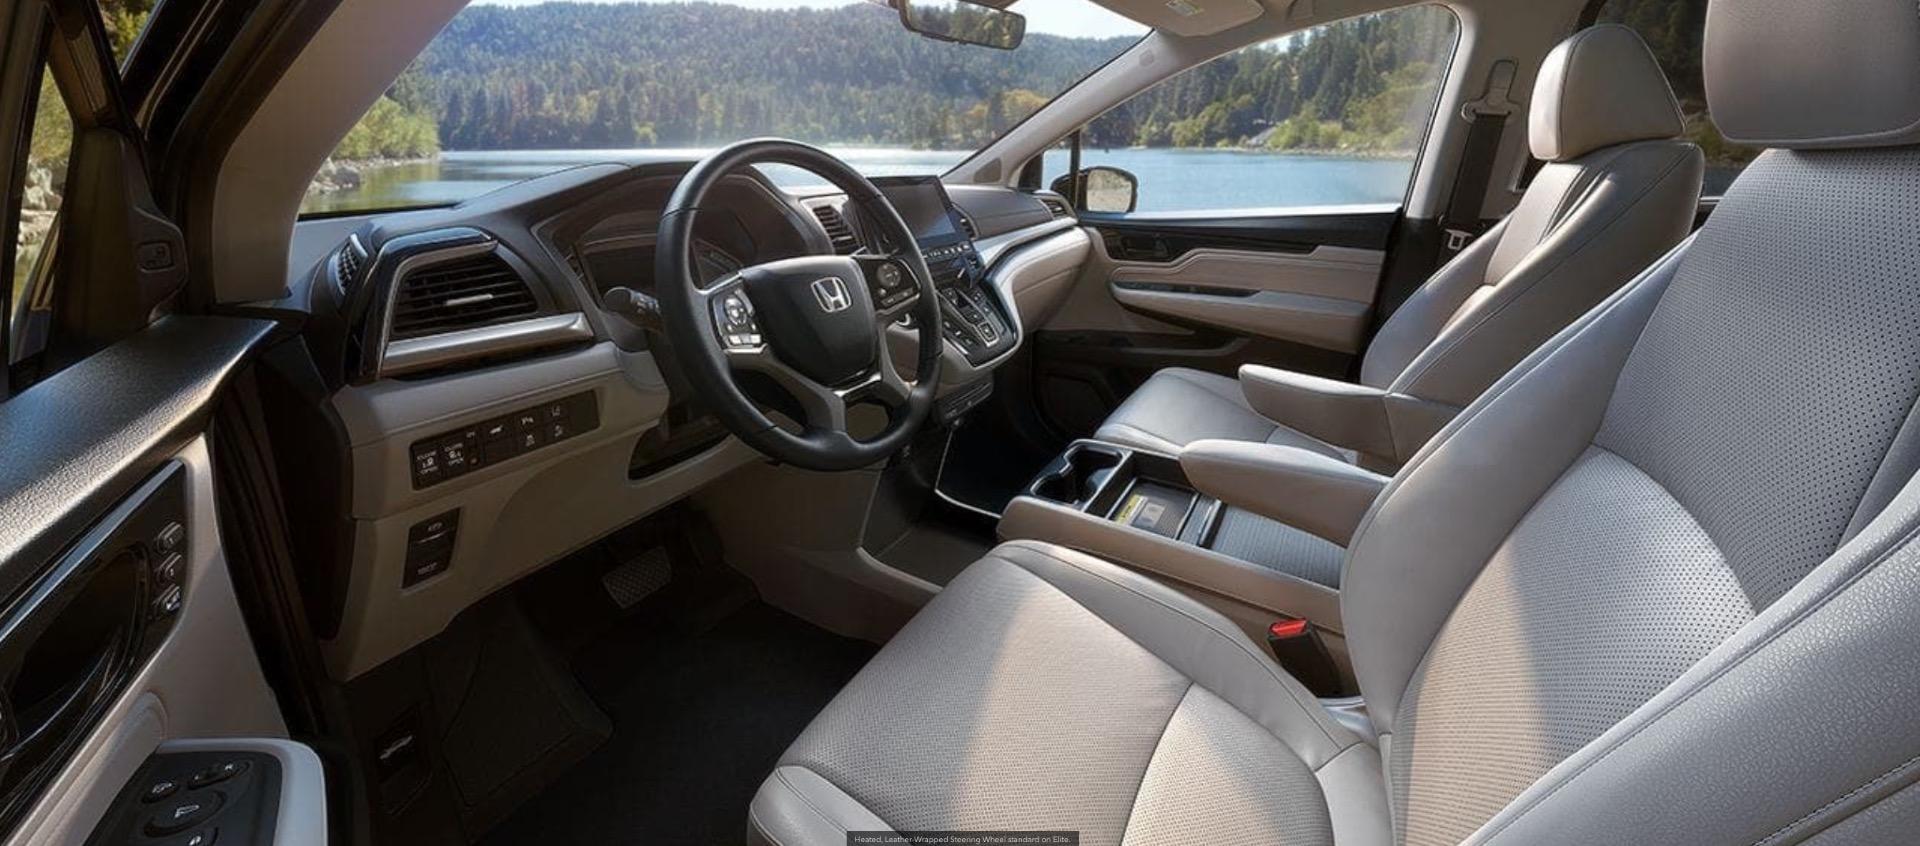 New-2019-Honda-Odyssey